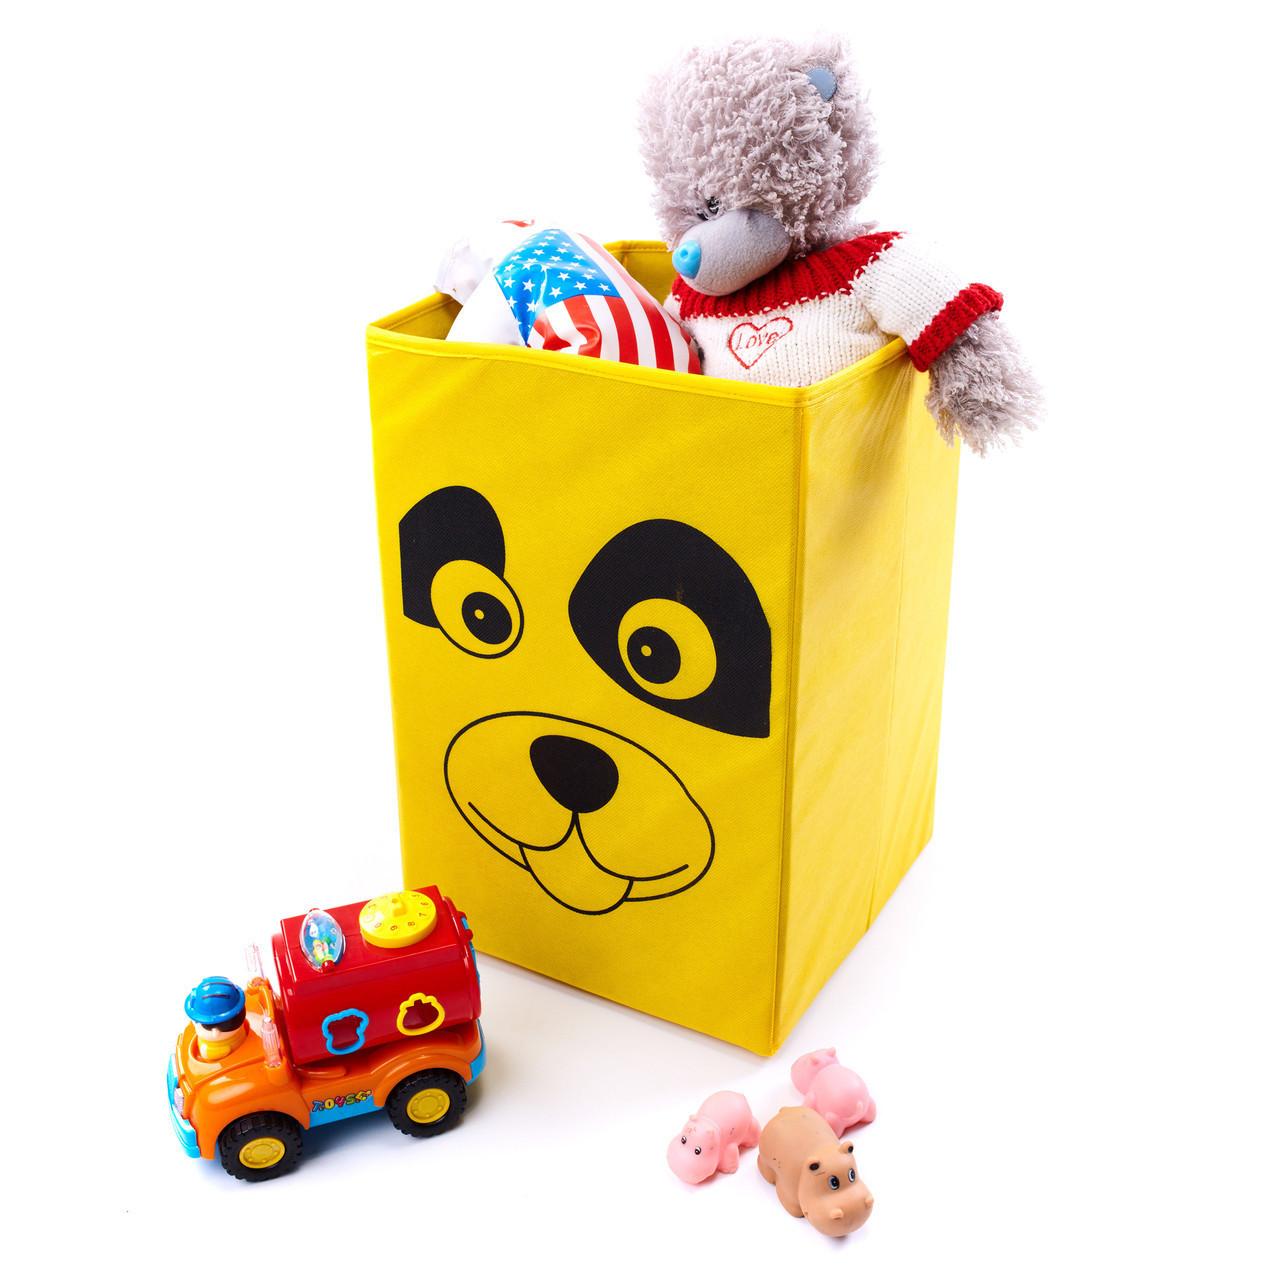 Ящик для зберігання іграшок, 35*35*55 см, Зоопарк Собака (без кришки)